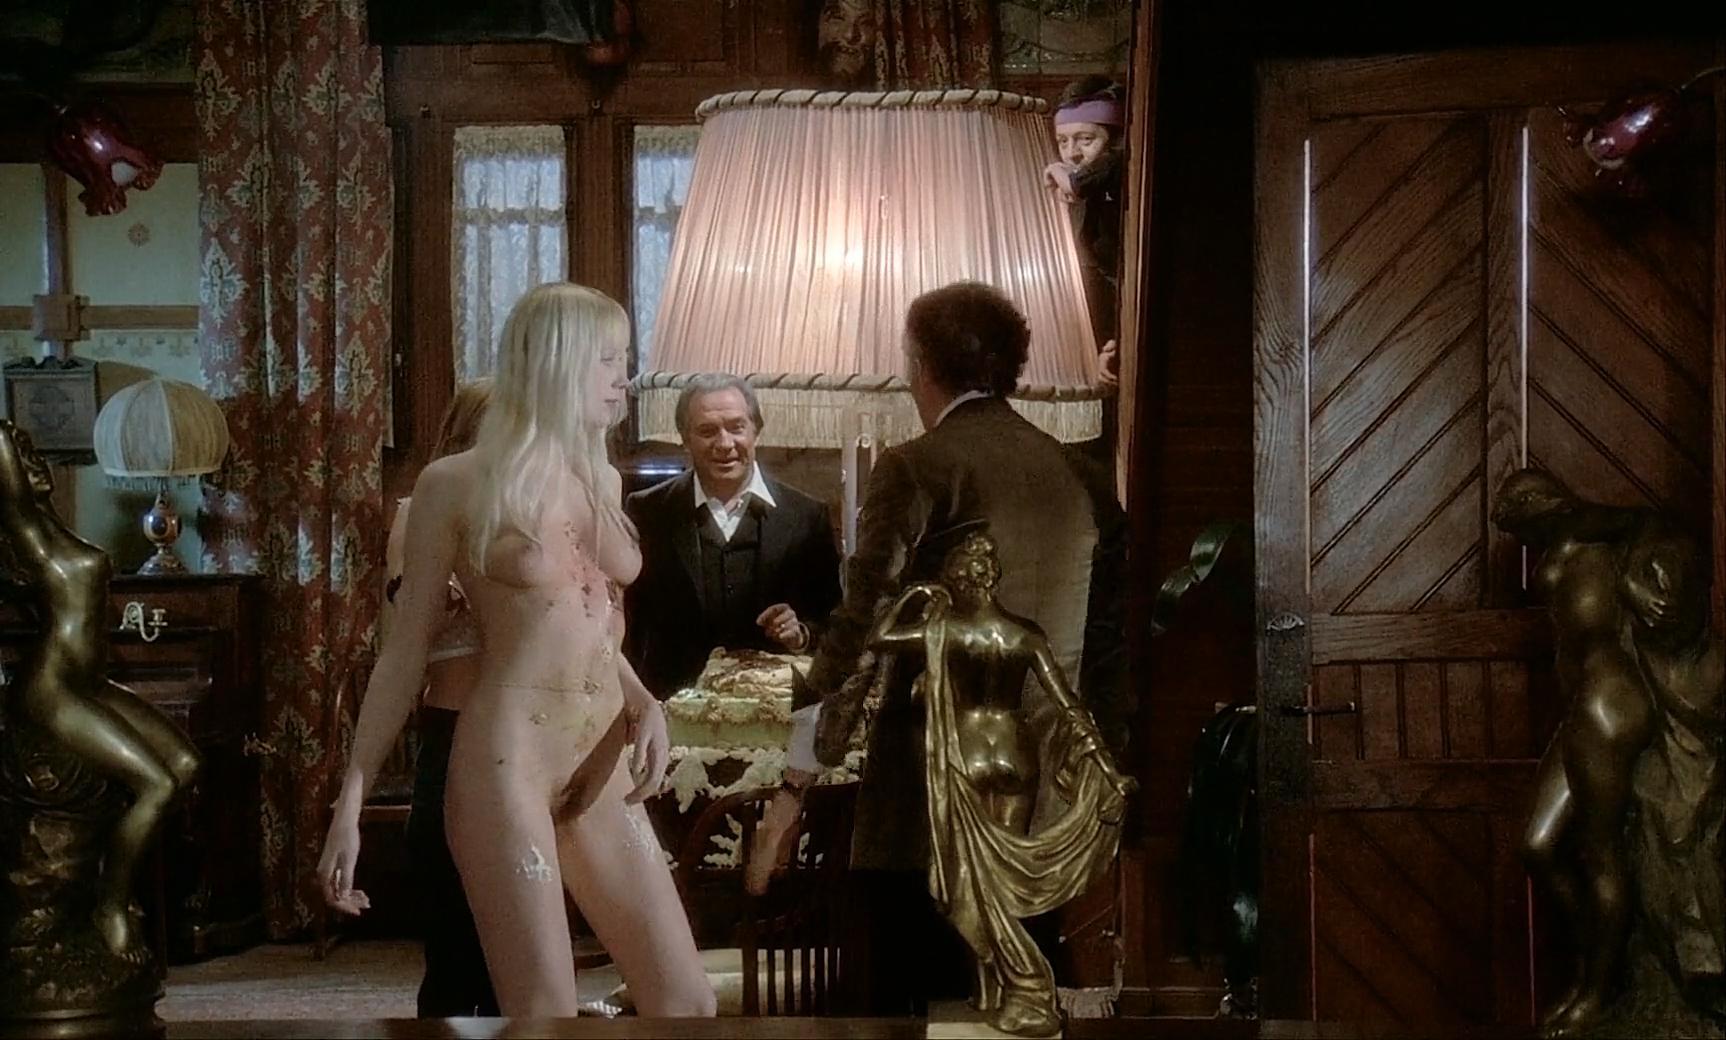 Solange Blondeau nude, Andrea Ferreol nude, Eva Simonet nude - La grande bouffe (1973)